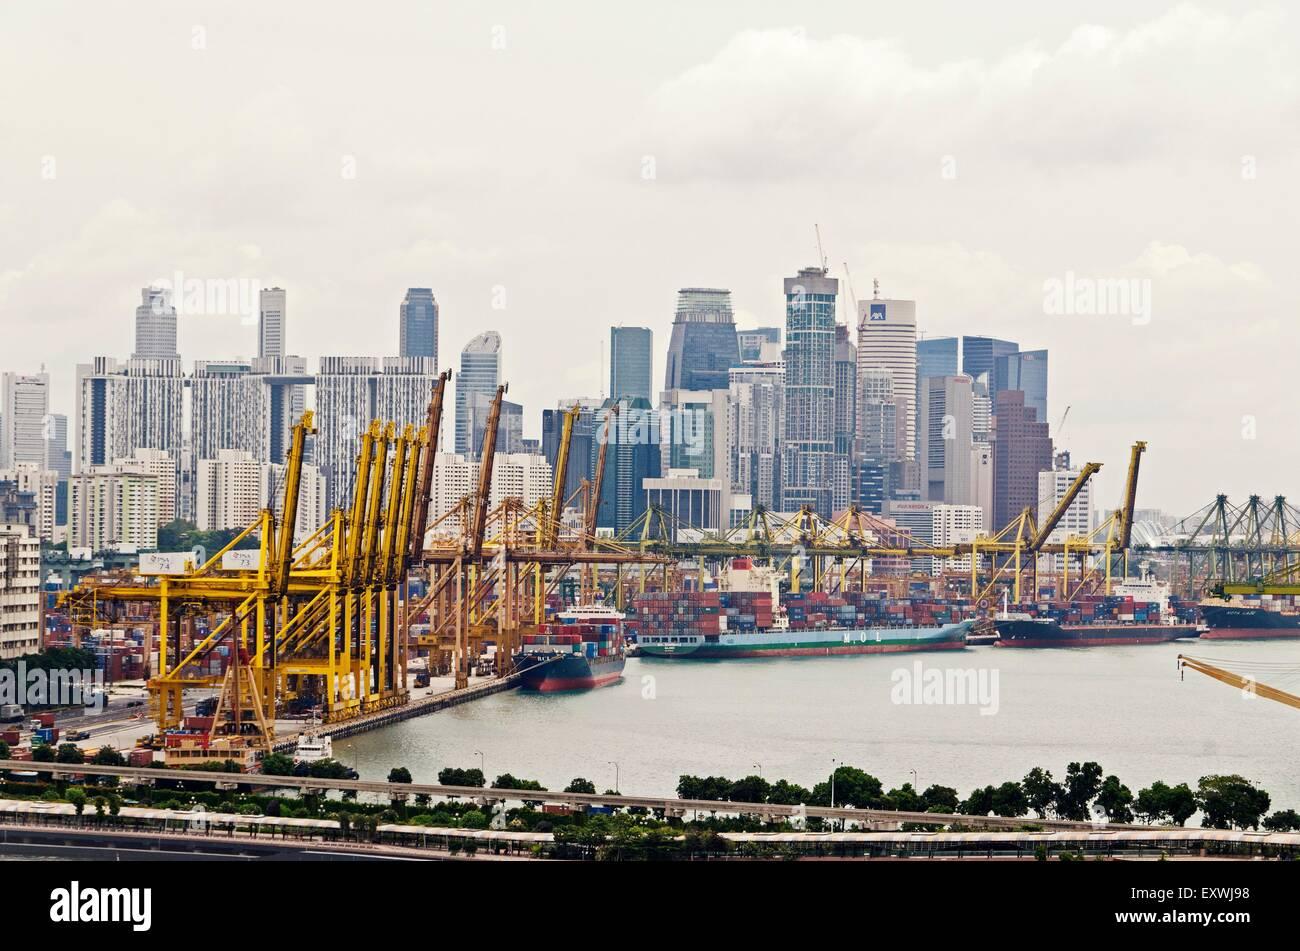 Harbour and skyline, Singapur City, Singapur, Asia - Stock Image